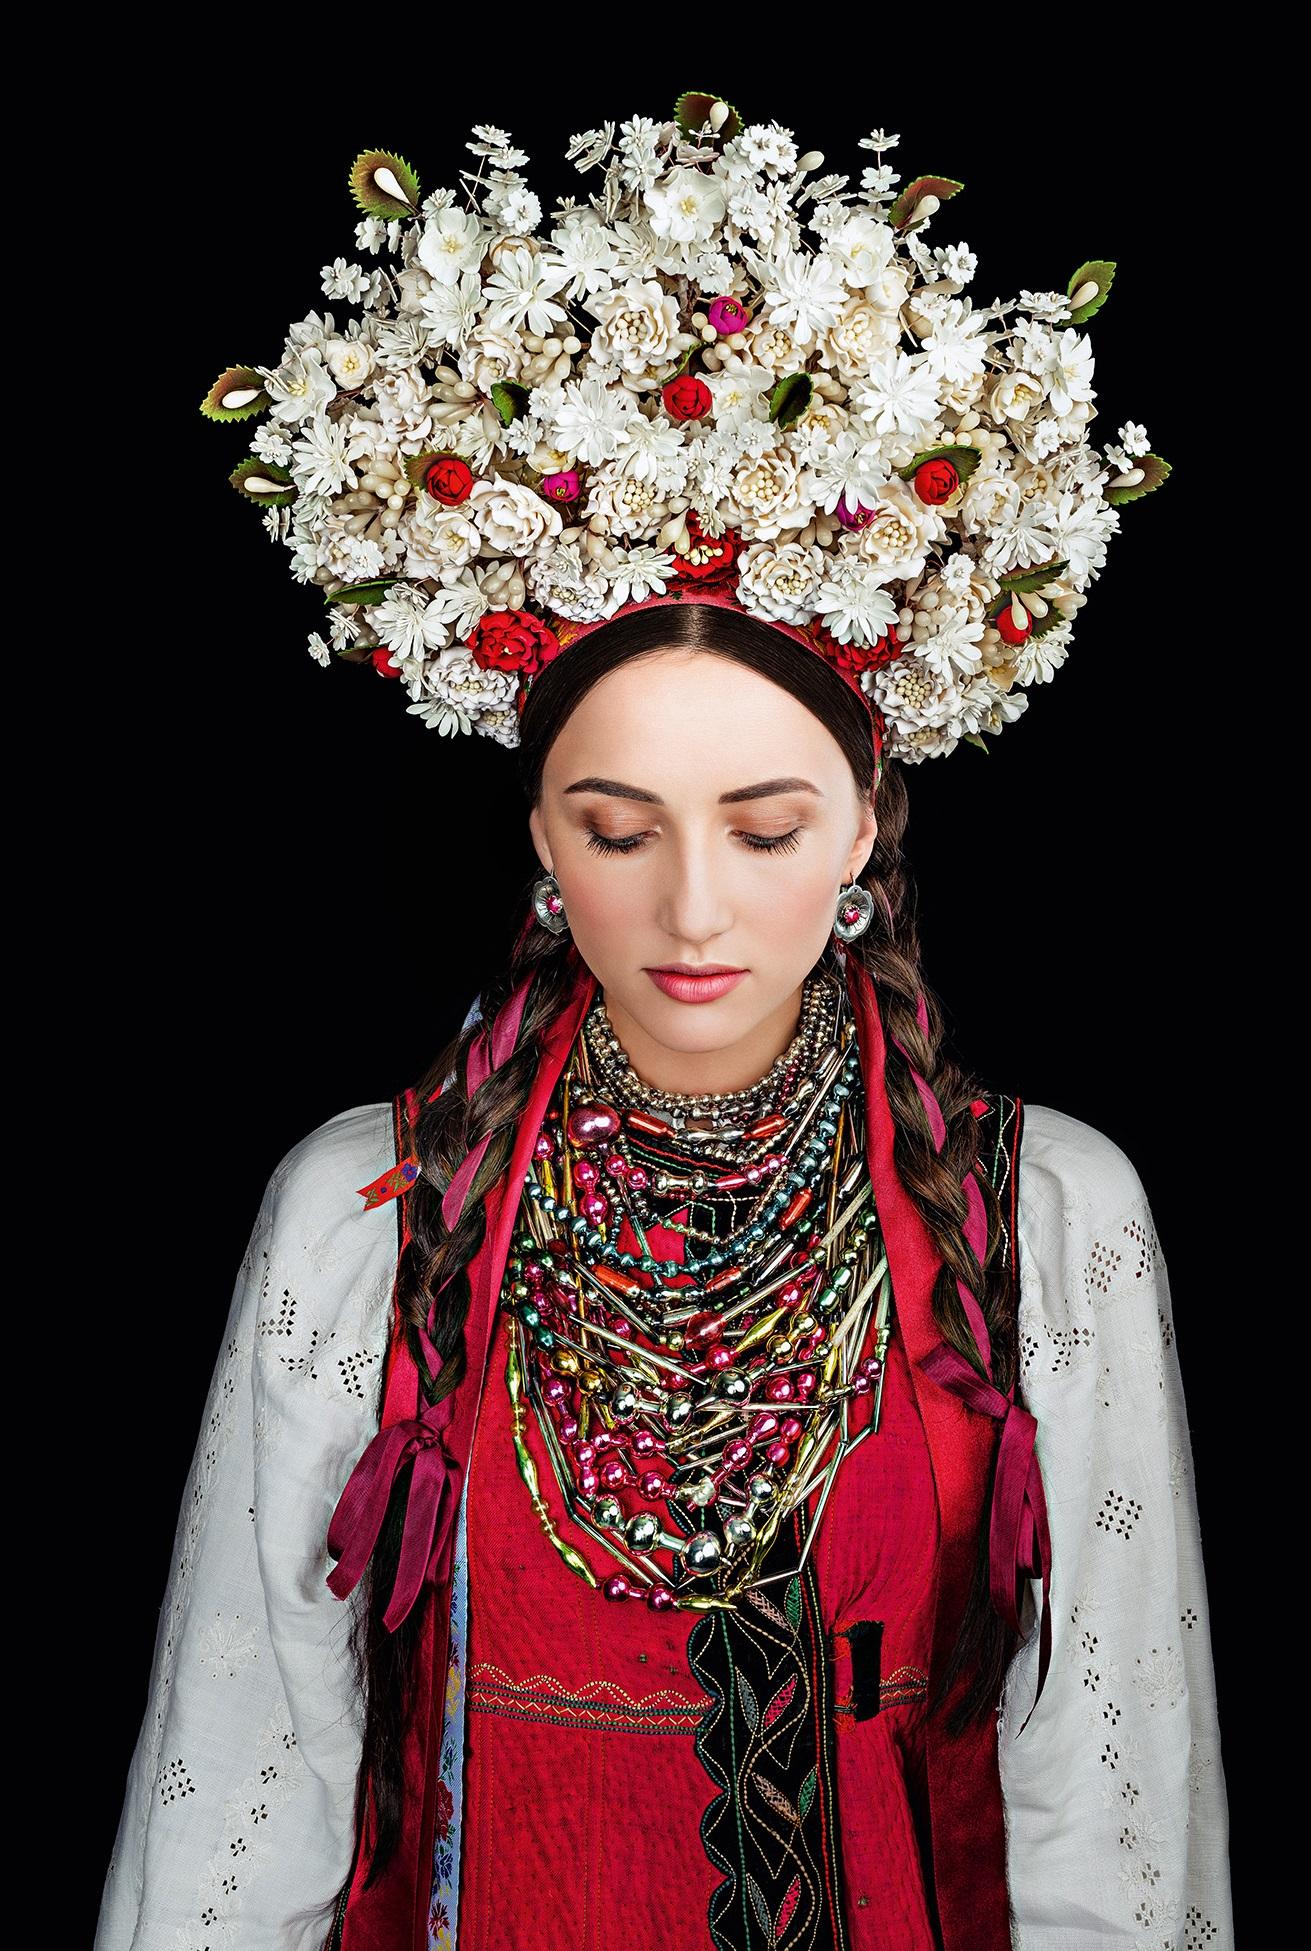 Кароль, Фреймут, Єфросиніна вбралися у розкішне українське вбрання - фото 2